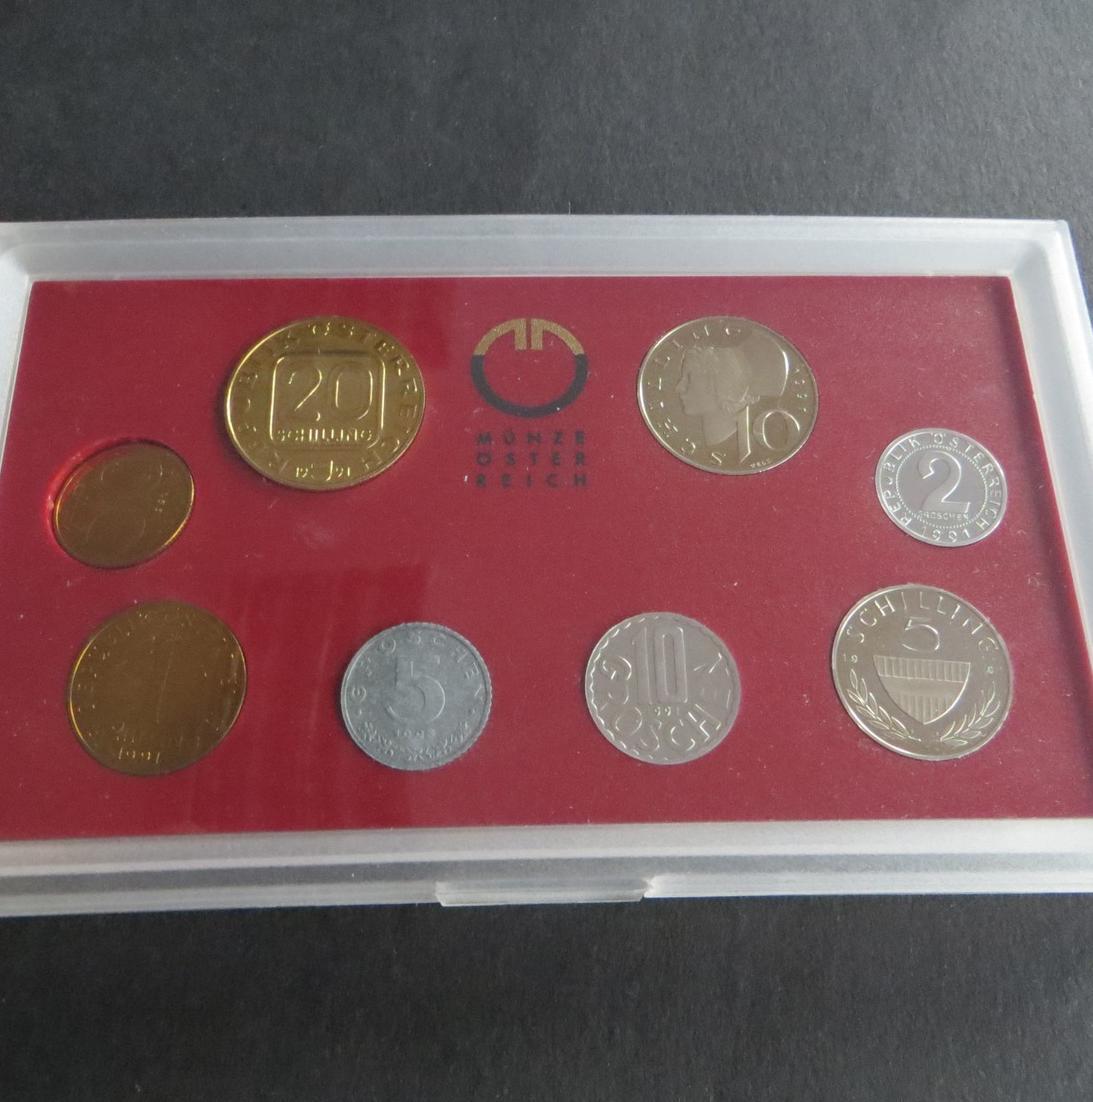 Österreich 1991 offizieller Kursmünzsatz Original-Bliesterpack PP